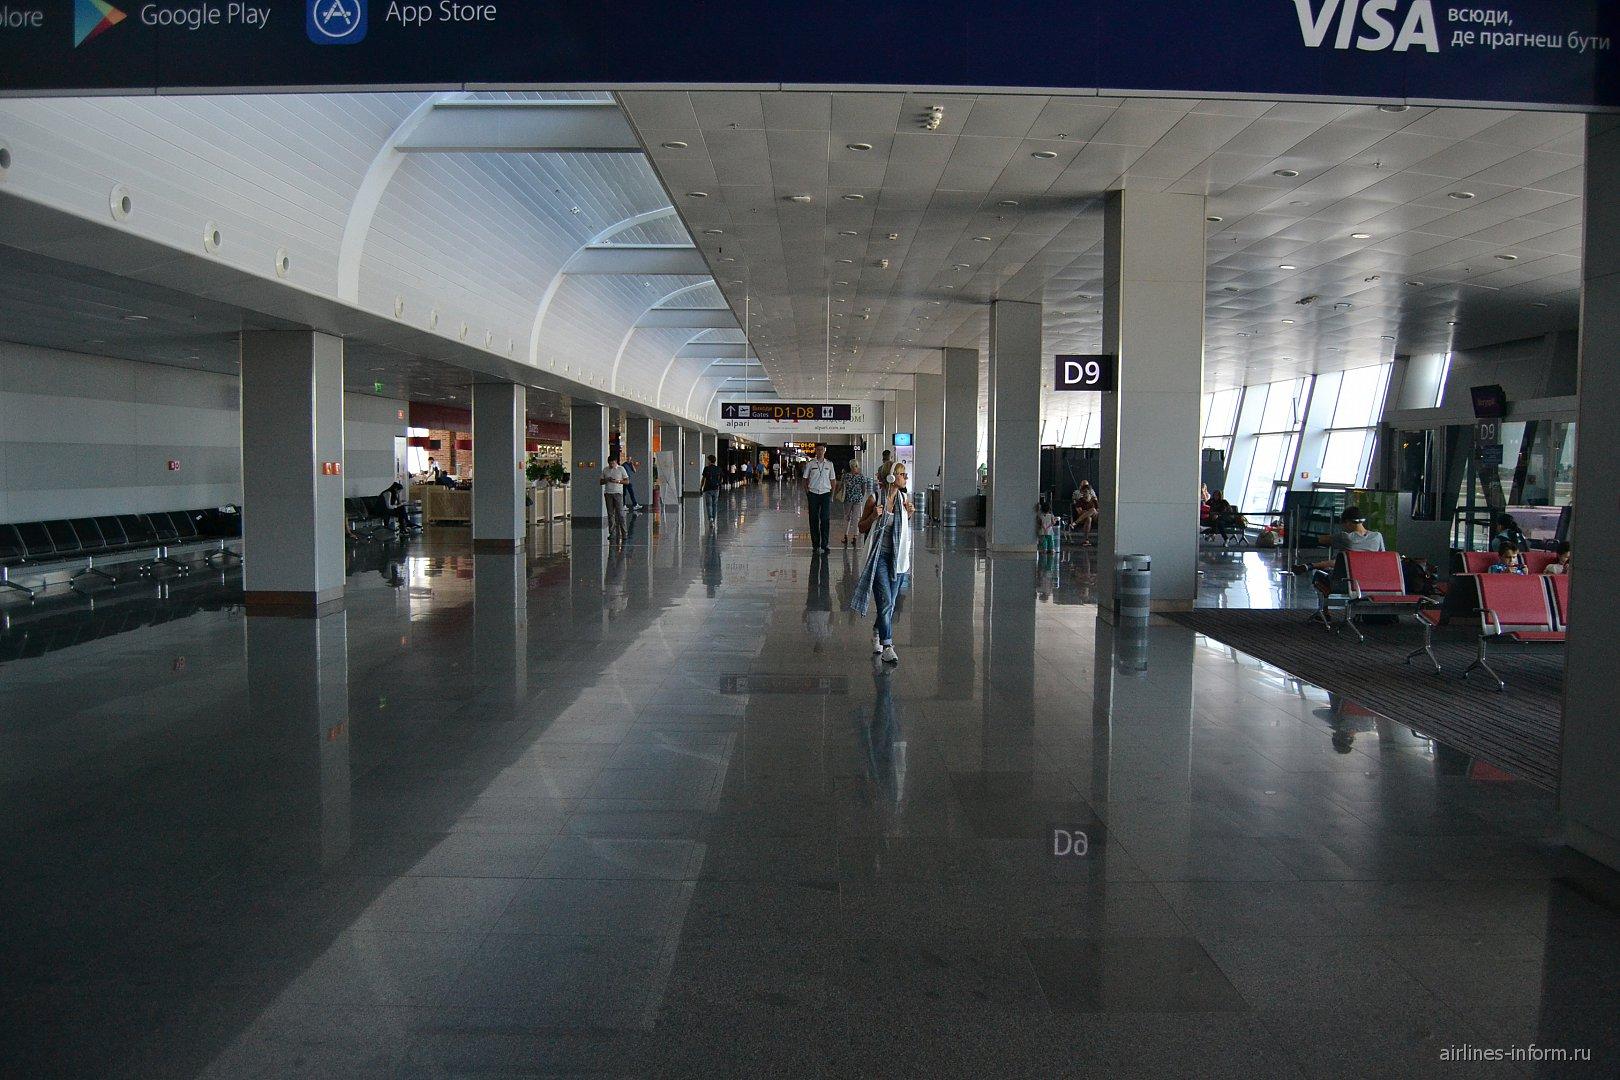 В чистой зоне терминала D аэропорта Киев Борисполь